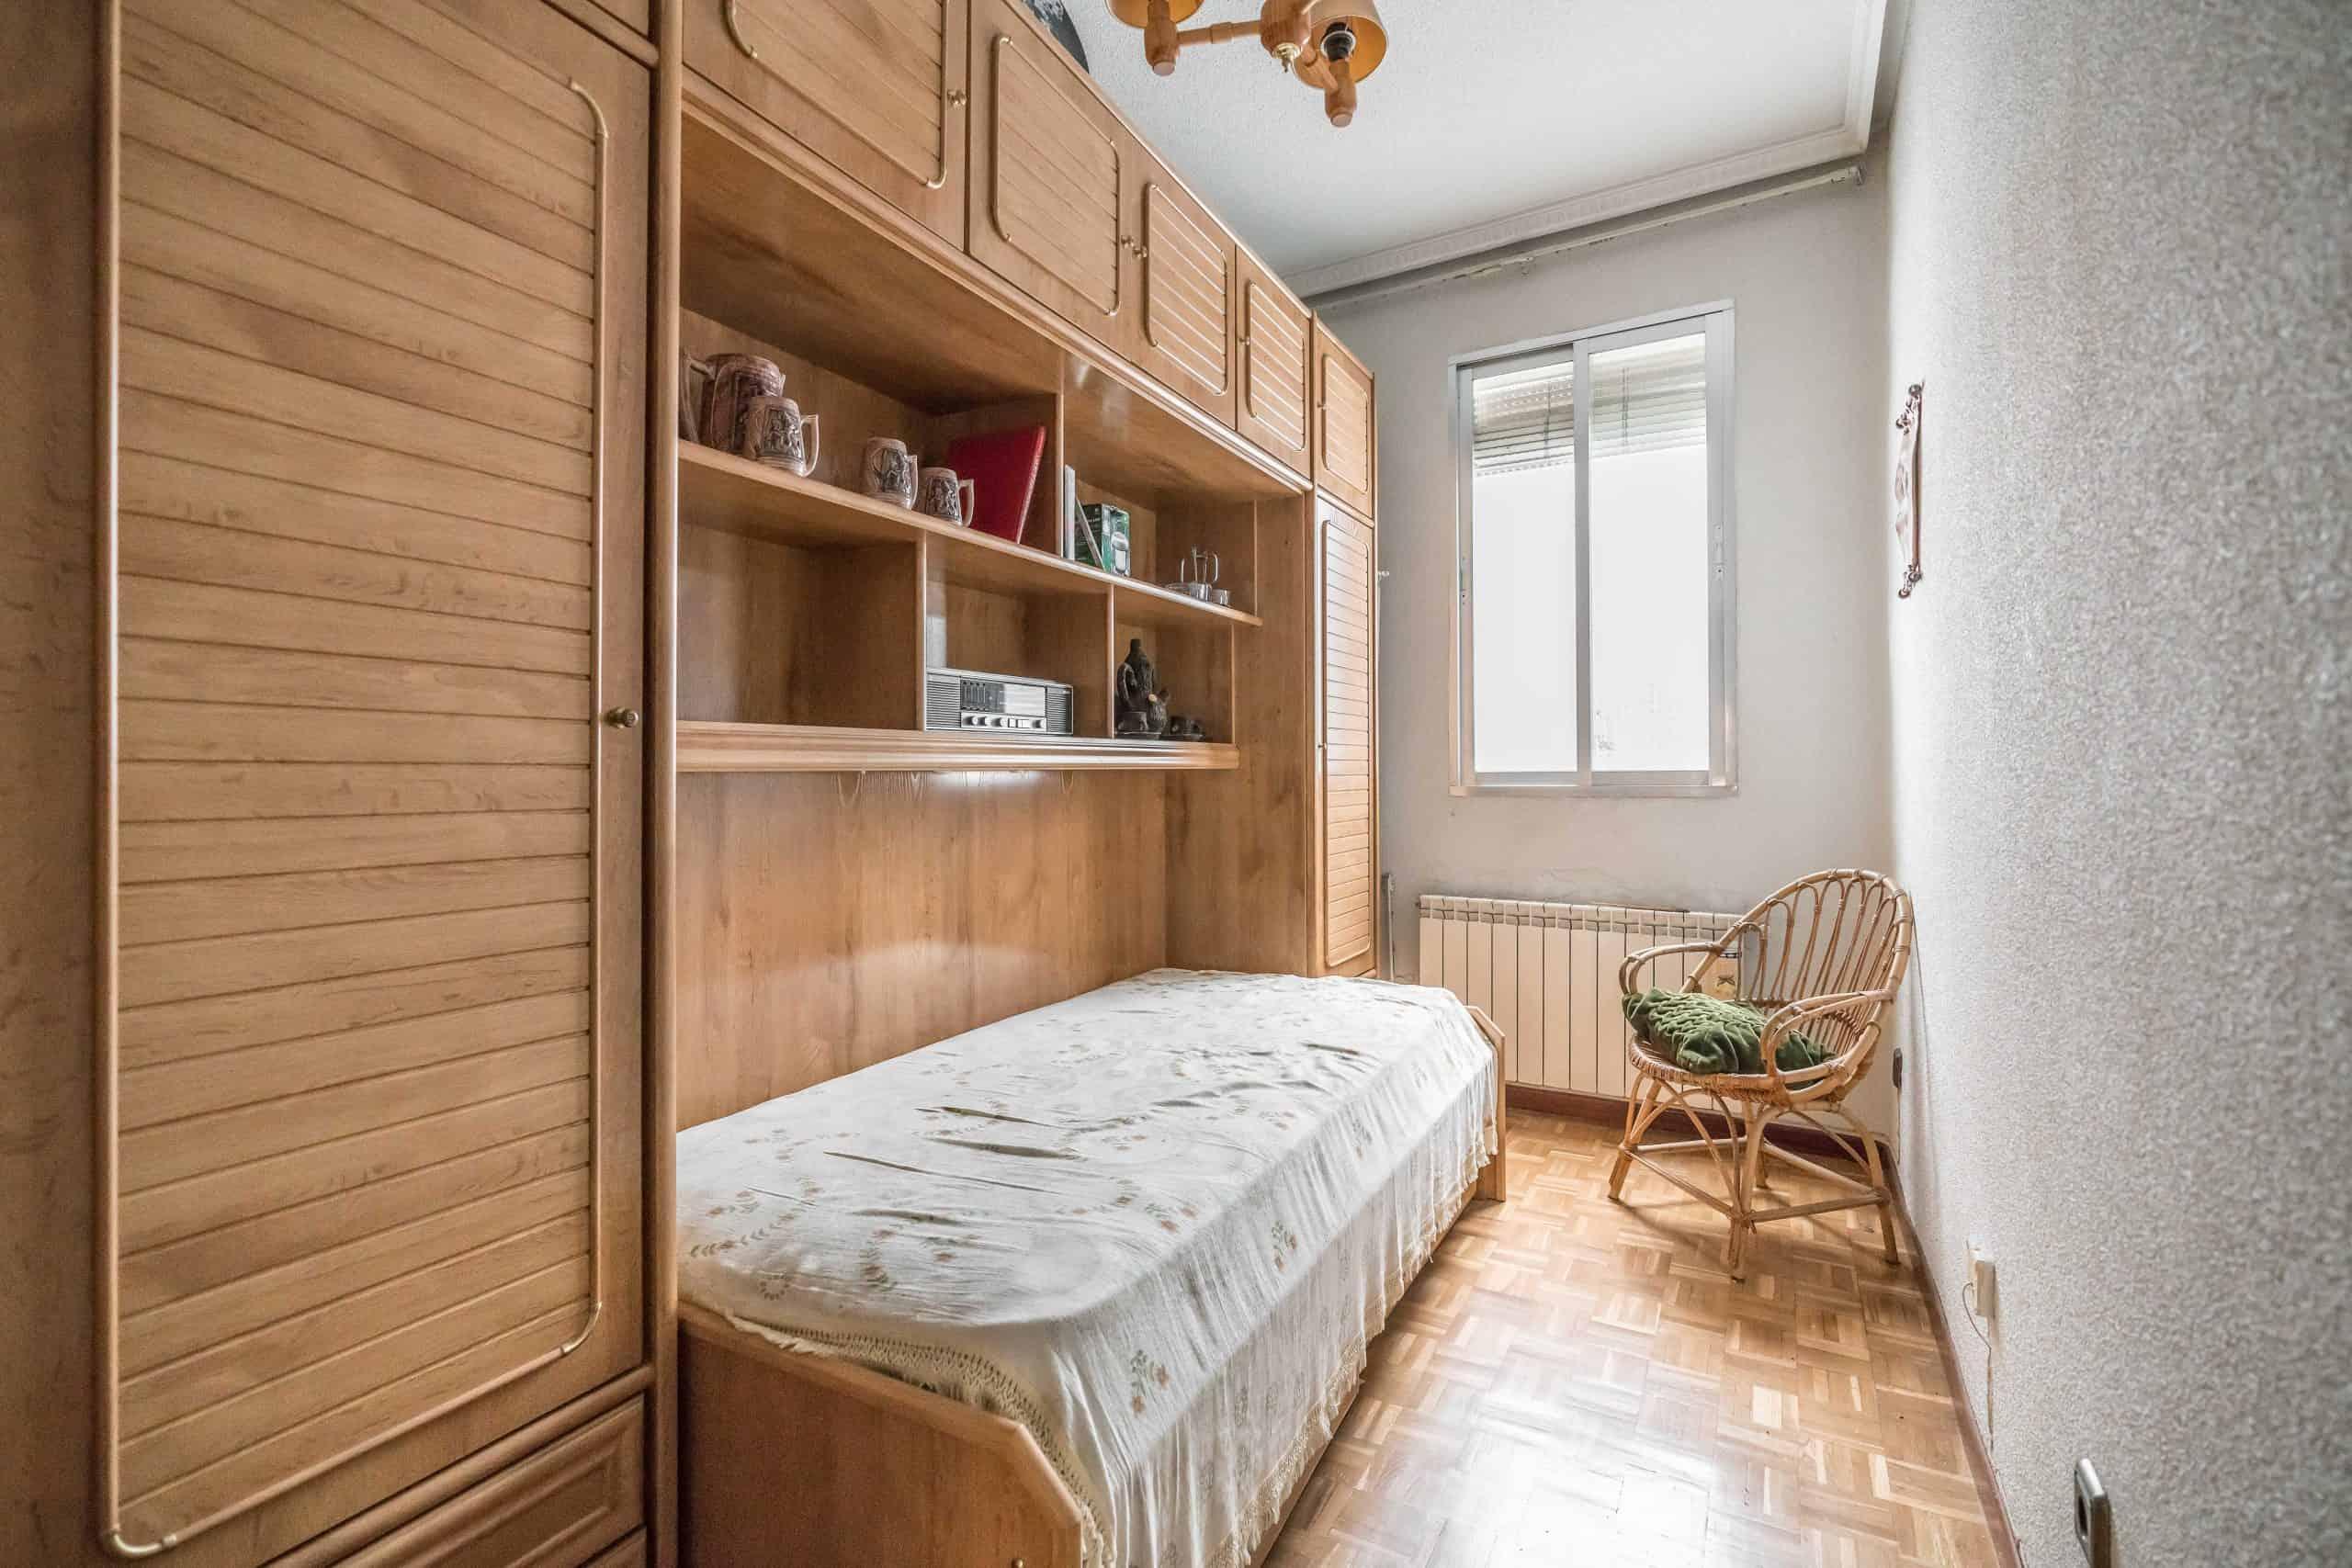 Agencia Inmobiliaria de Madrid-FUTUROCASA-Zona ARGANZUELA-EMBAJADORES-LEGAZPI -calle Guillermo de Osma 4 DORMITORIO2 (2) (Copy)